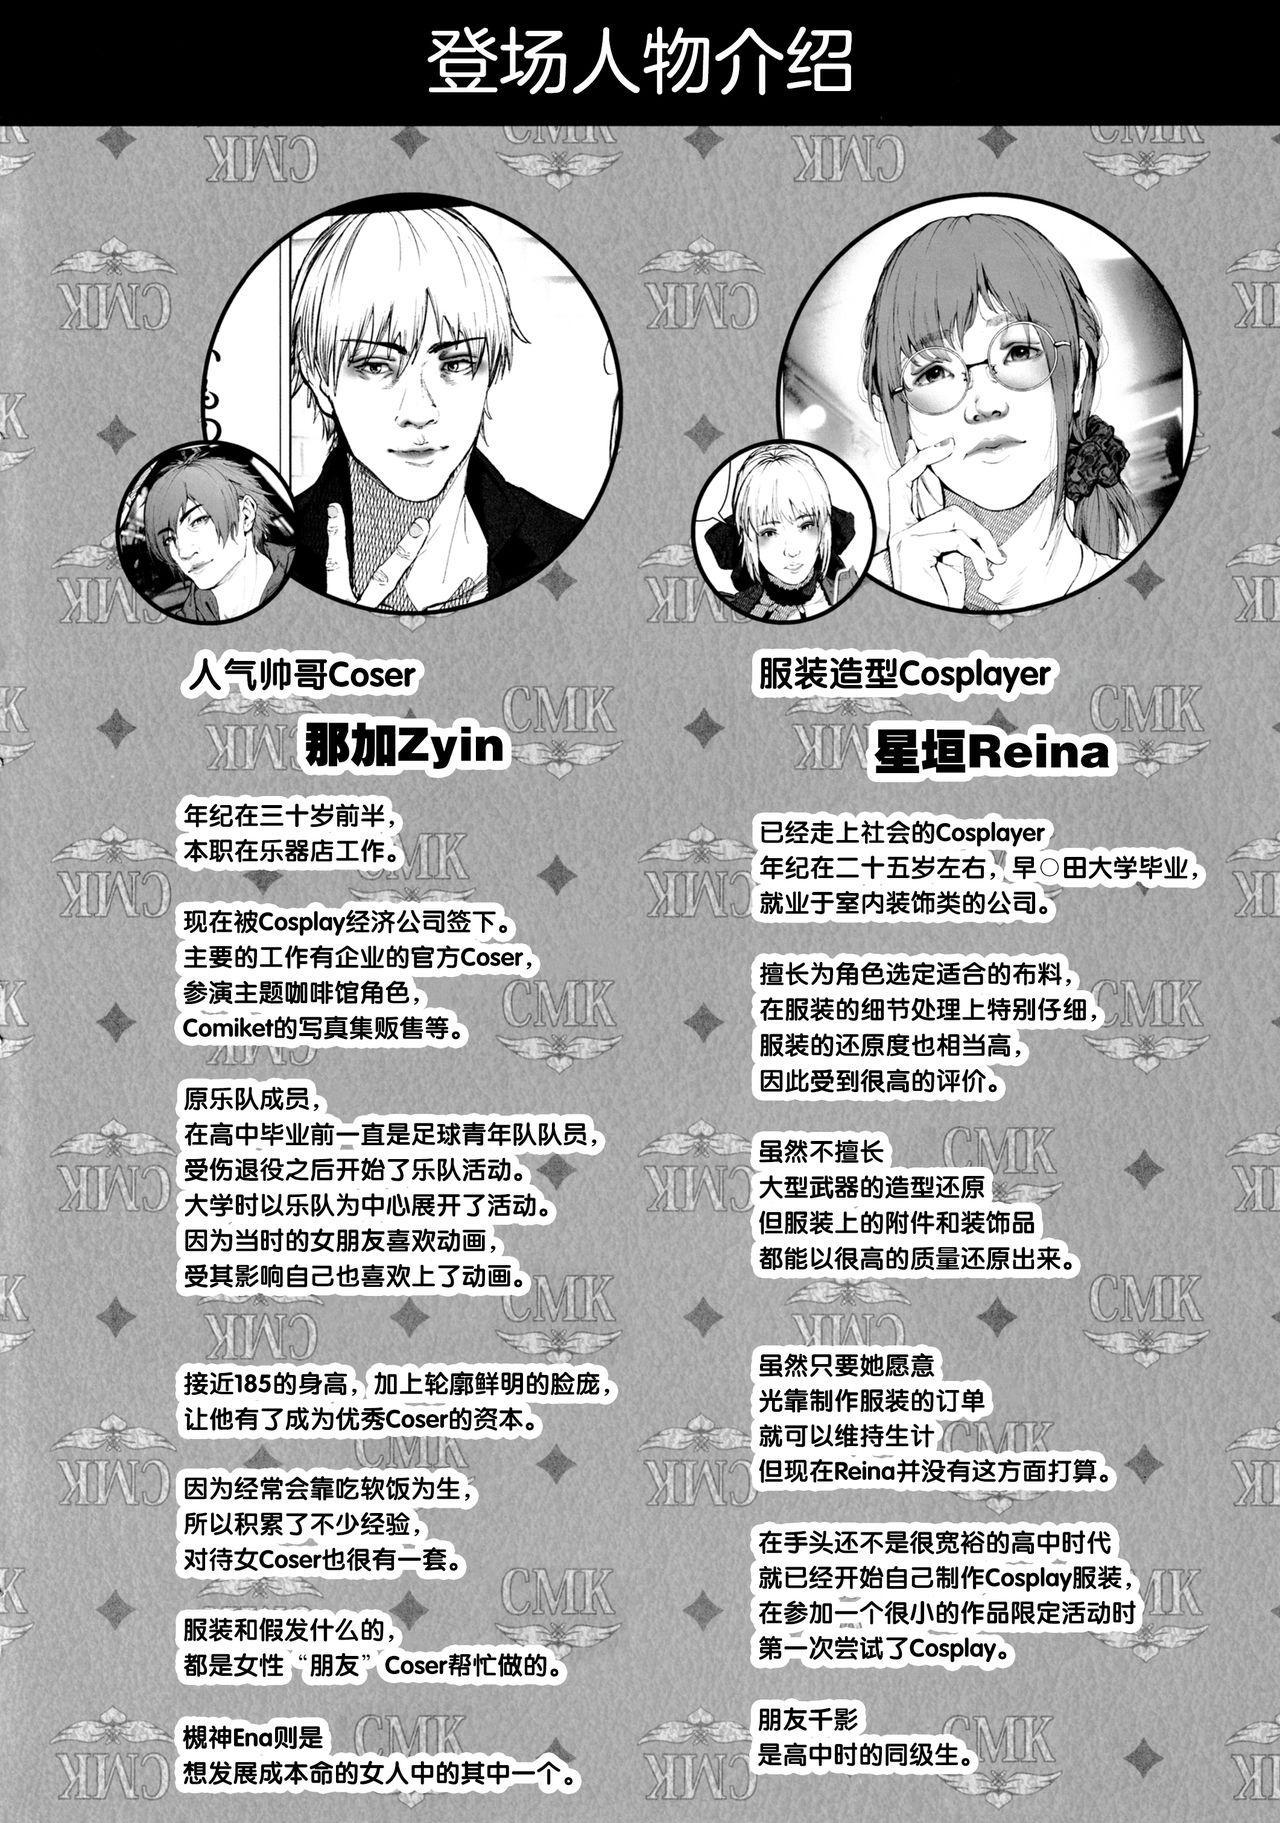 Cos wa Midara na Kamen Ninki Ikemen Layer no SeFri Ken Ishou Seisaku Tantou no Zoukei Layer wa Honmei Kanojo no Yume o Miru ka 2